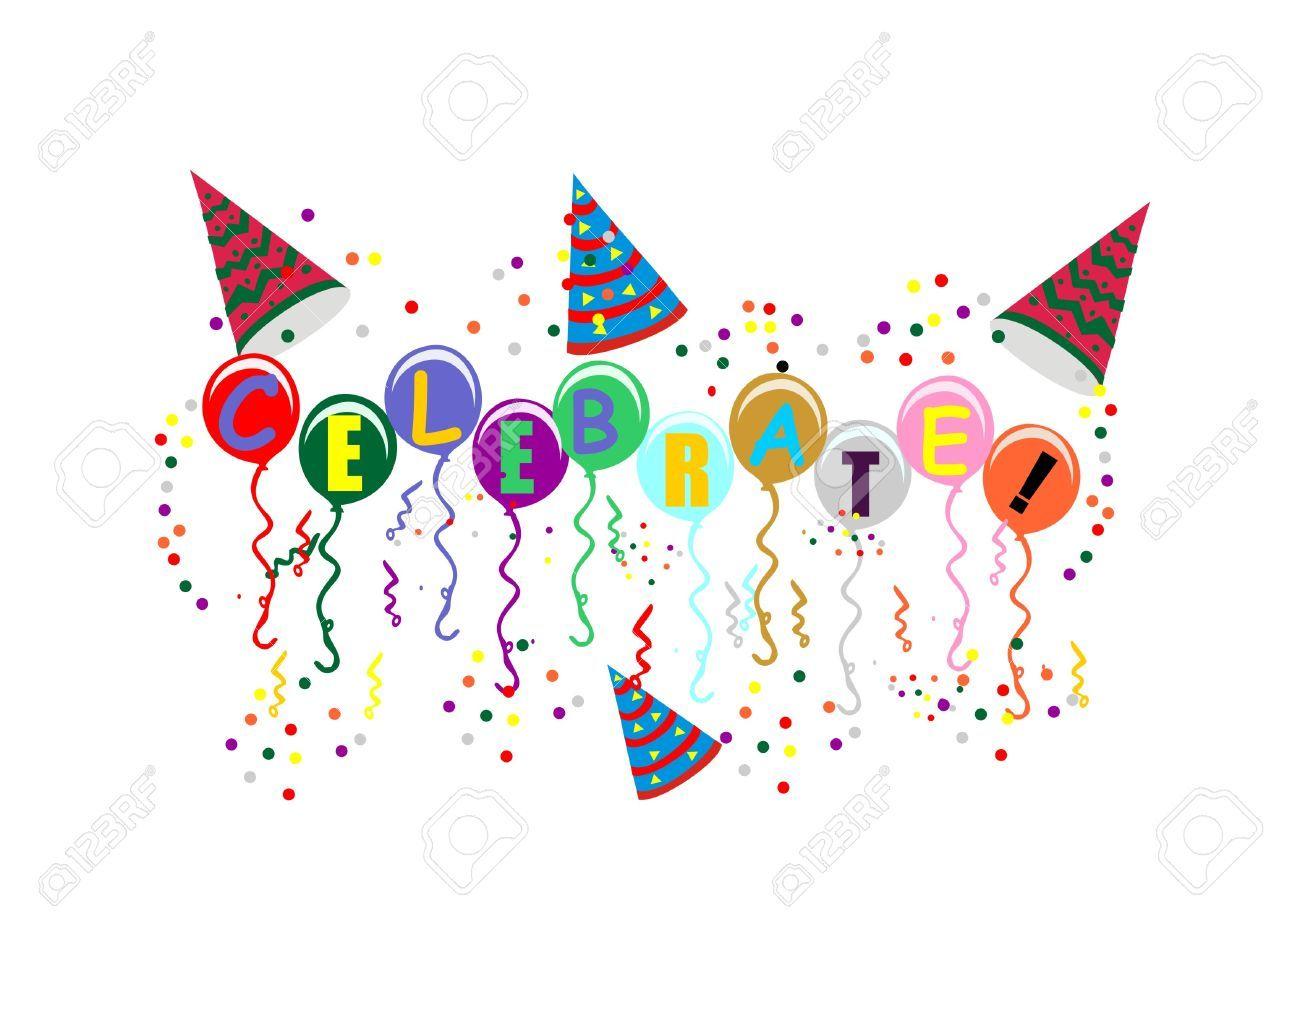 Celebrate clipart confetti. Fondo blanco buscar con